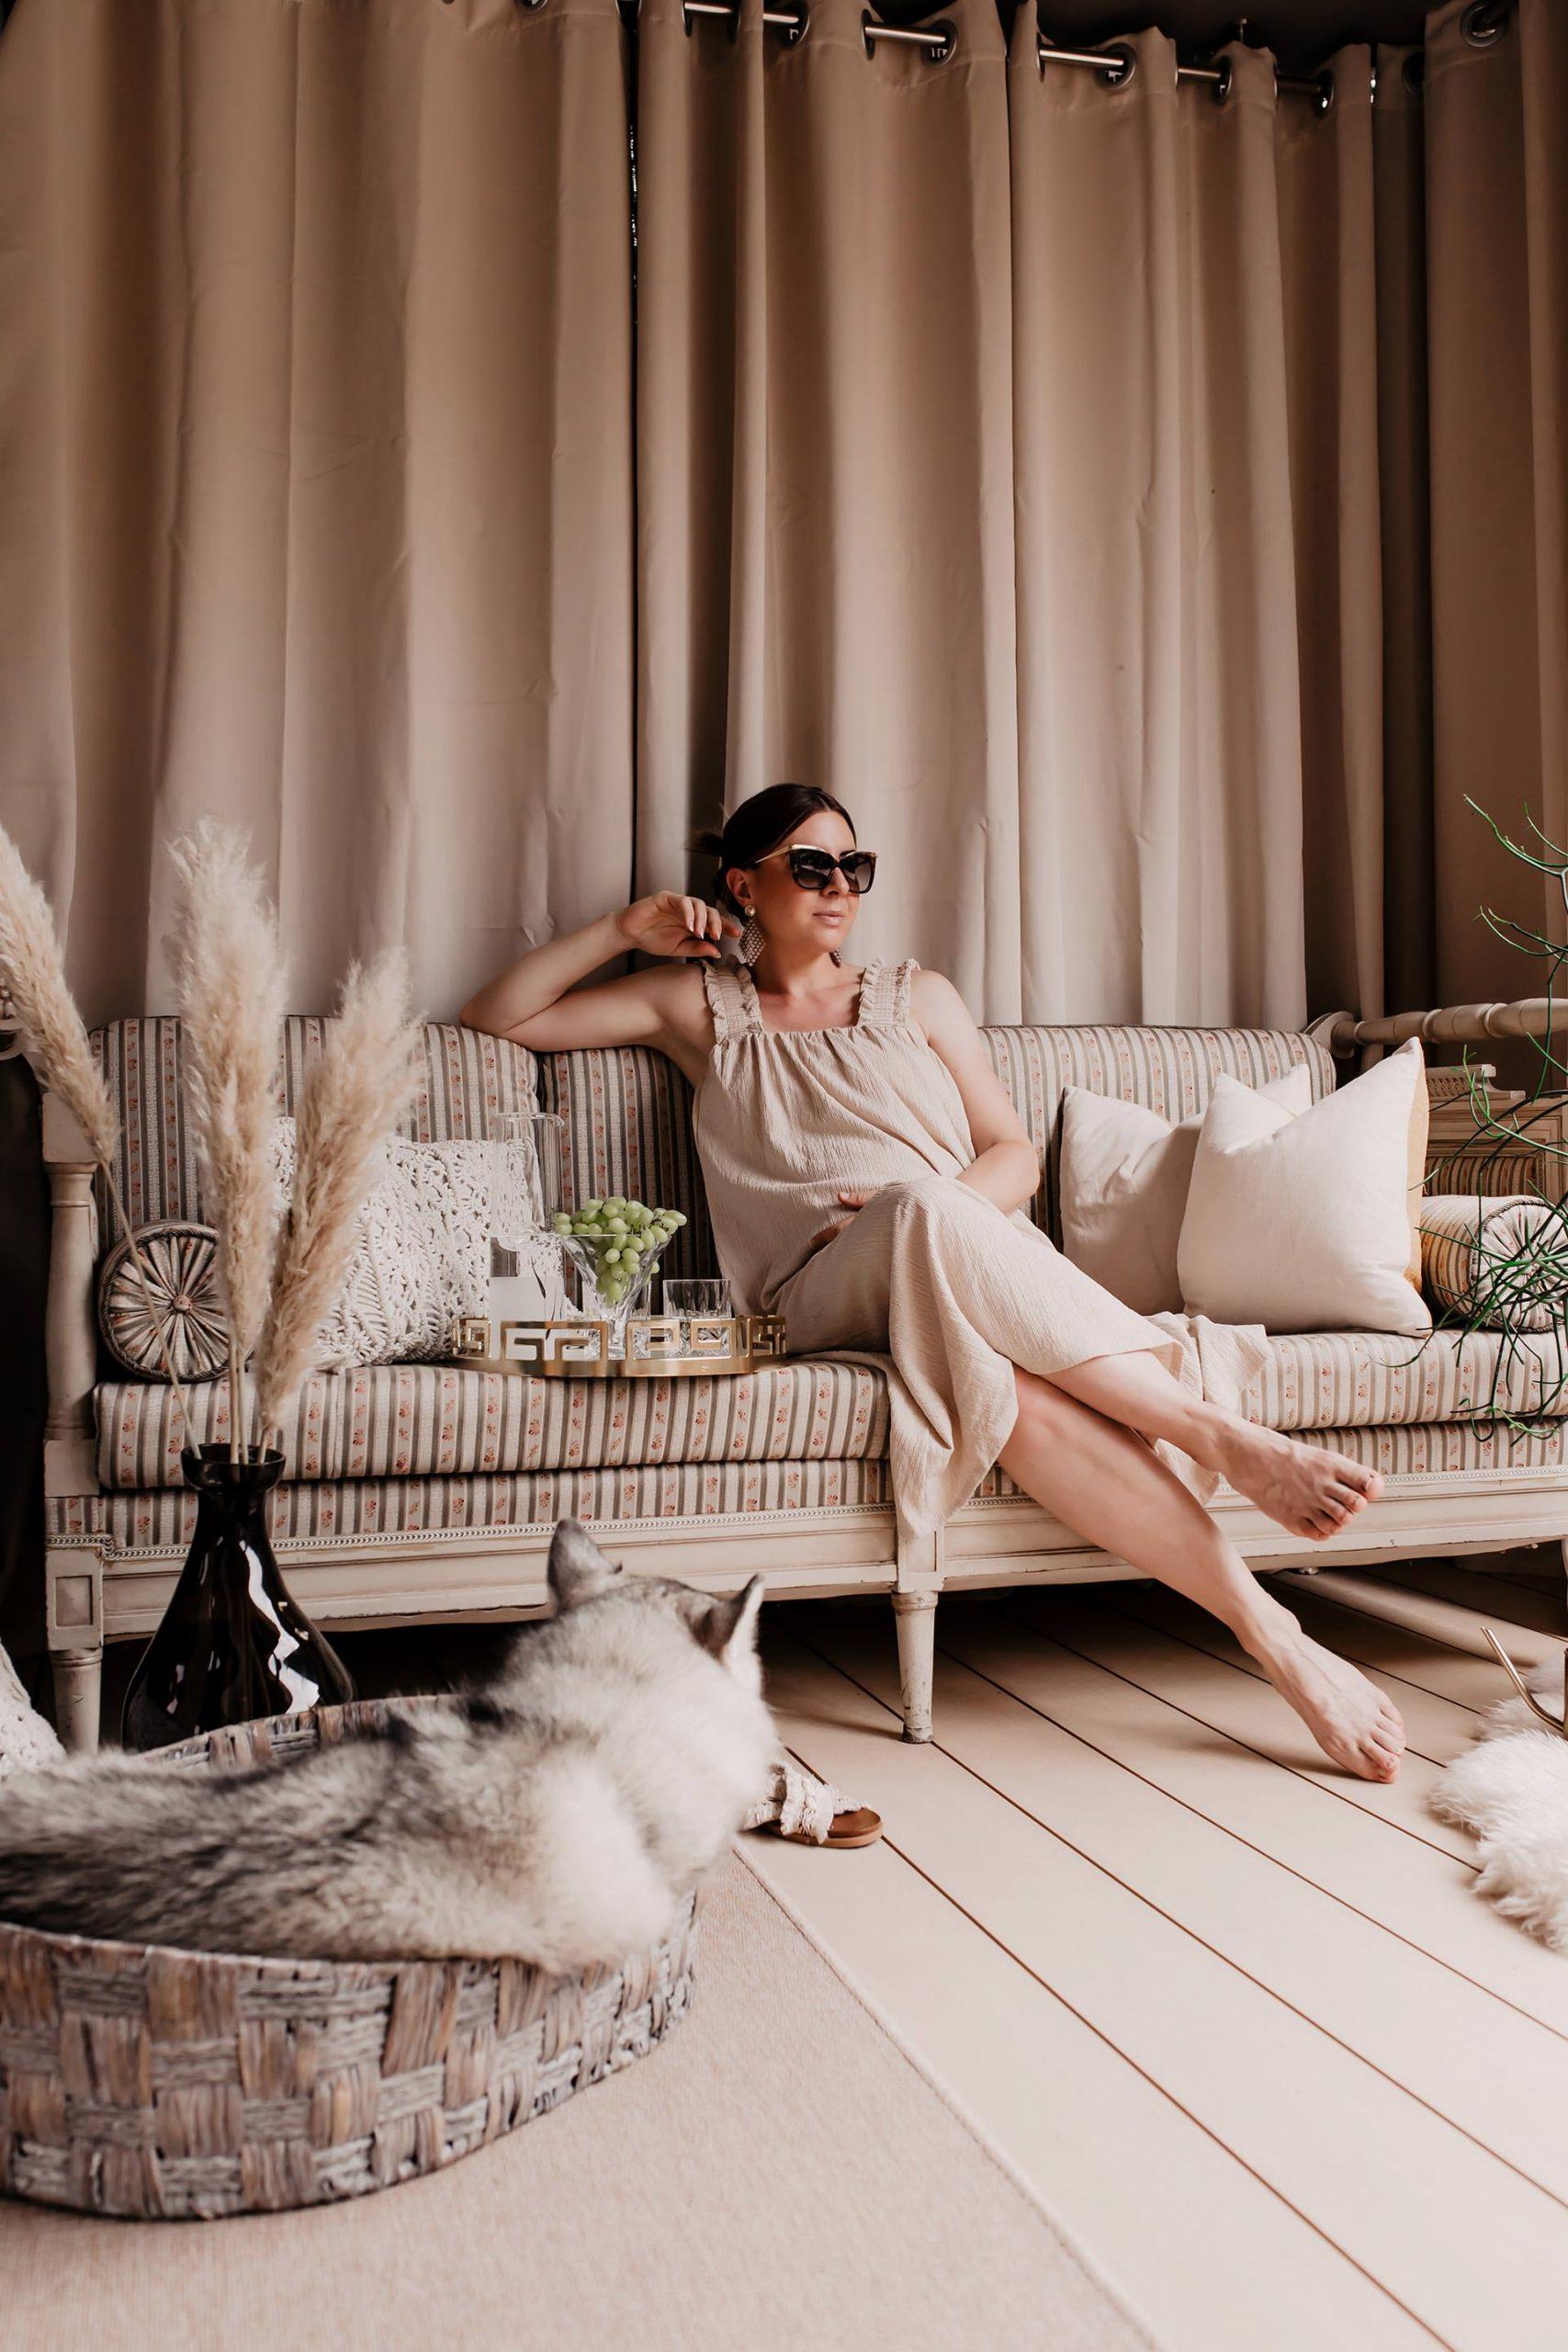 Gerade jetzt, wo sich alles um Corona und die erschwerte Reisezeit dreht, ist der Urlaub in der Ferne sehr umstritten.Urlaub Zuhause lautet daher das Motto, denn Entspannung kannst du dir nicht nur weit weg von Zuhause gönnen, sondern auch in deinen eigenen 4 Wänden! So kannst du dir den Urlaub ganz einfach nach Hause zaubern: www.whoismocca.com